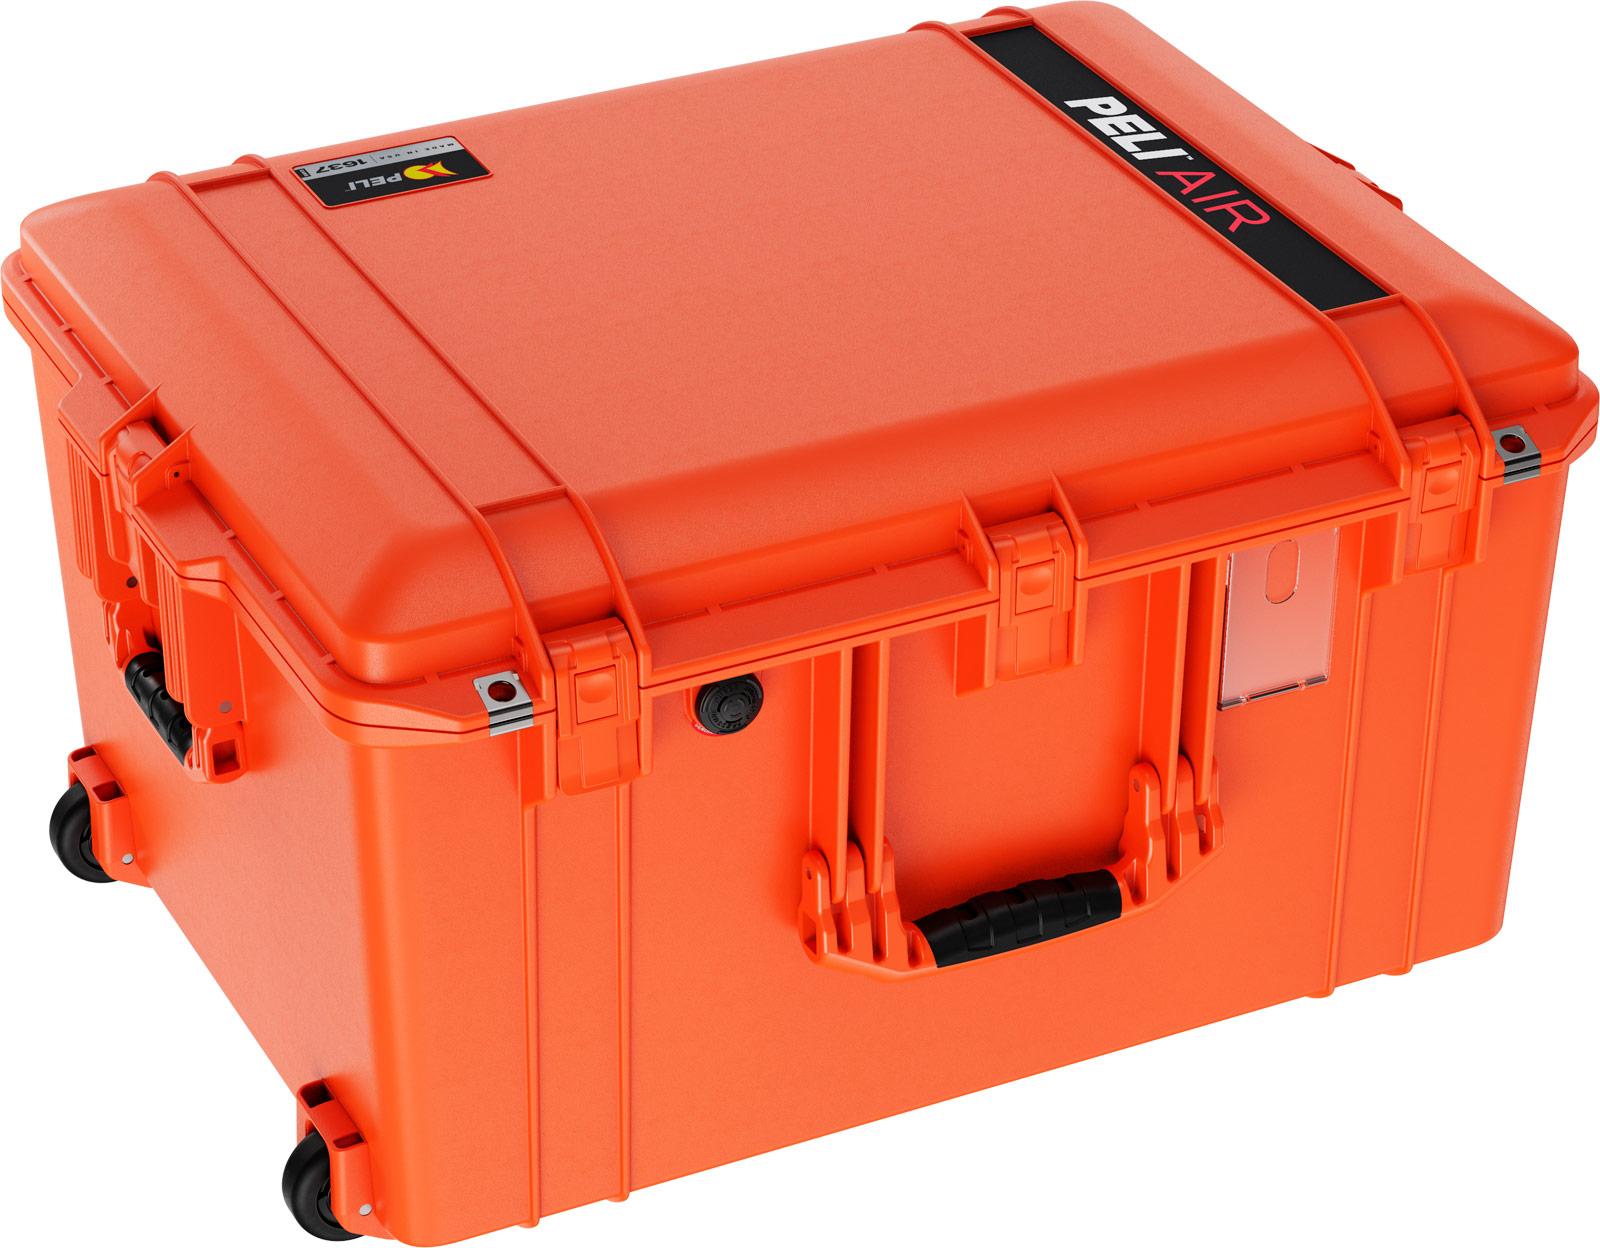 peli air travel rolling large case orange